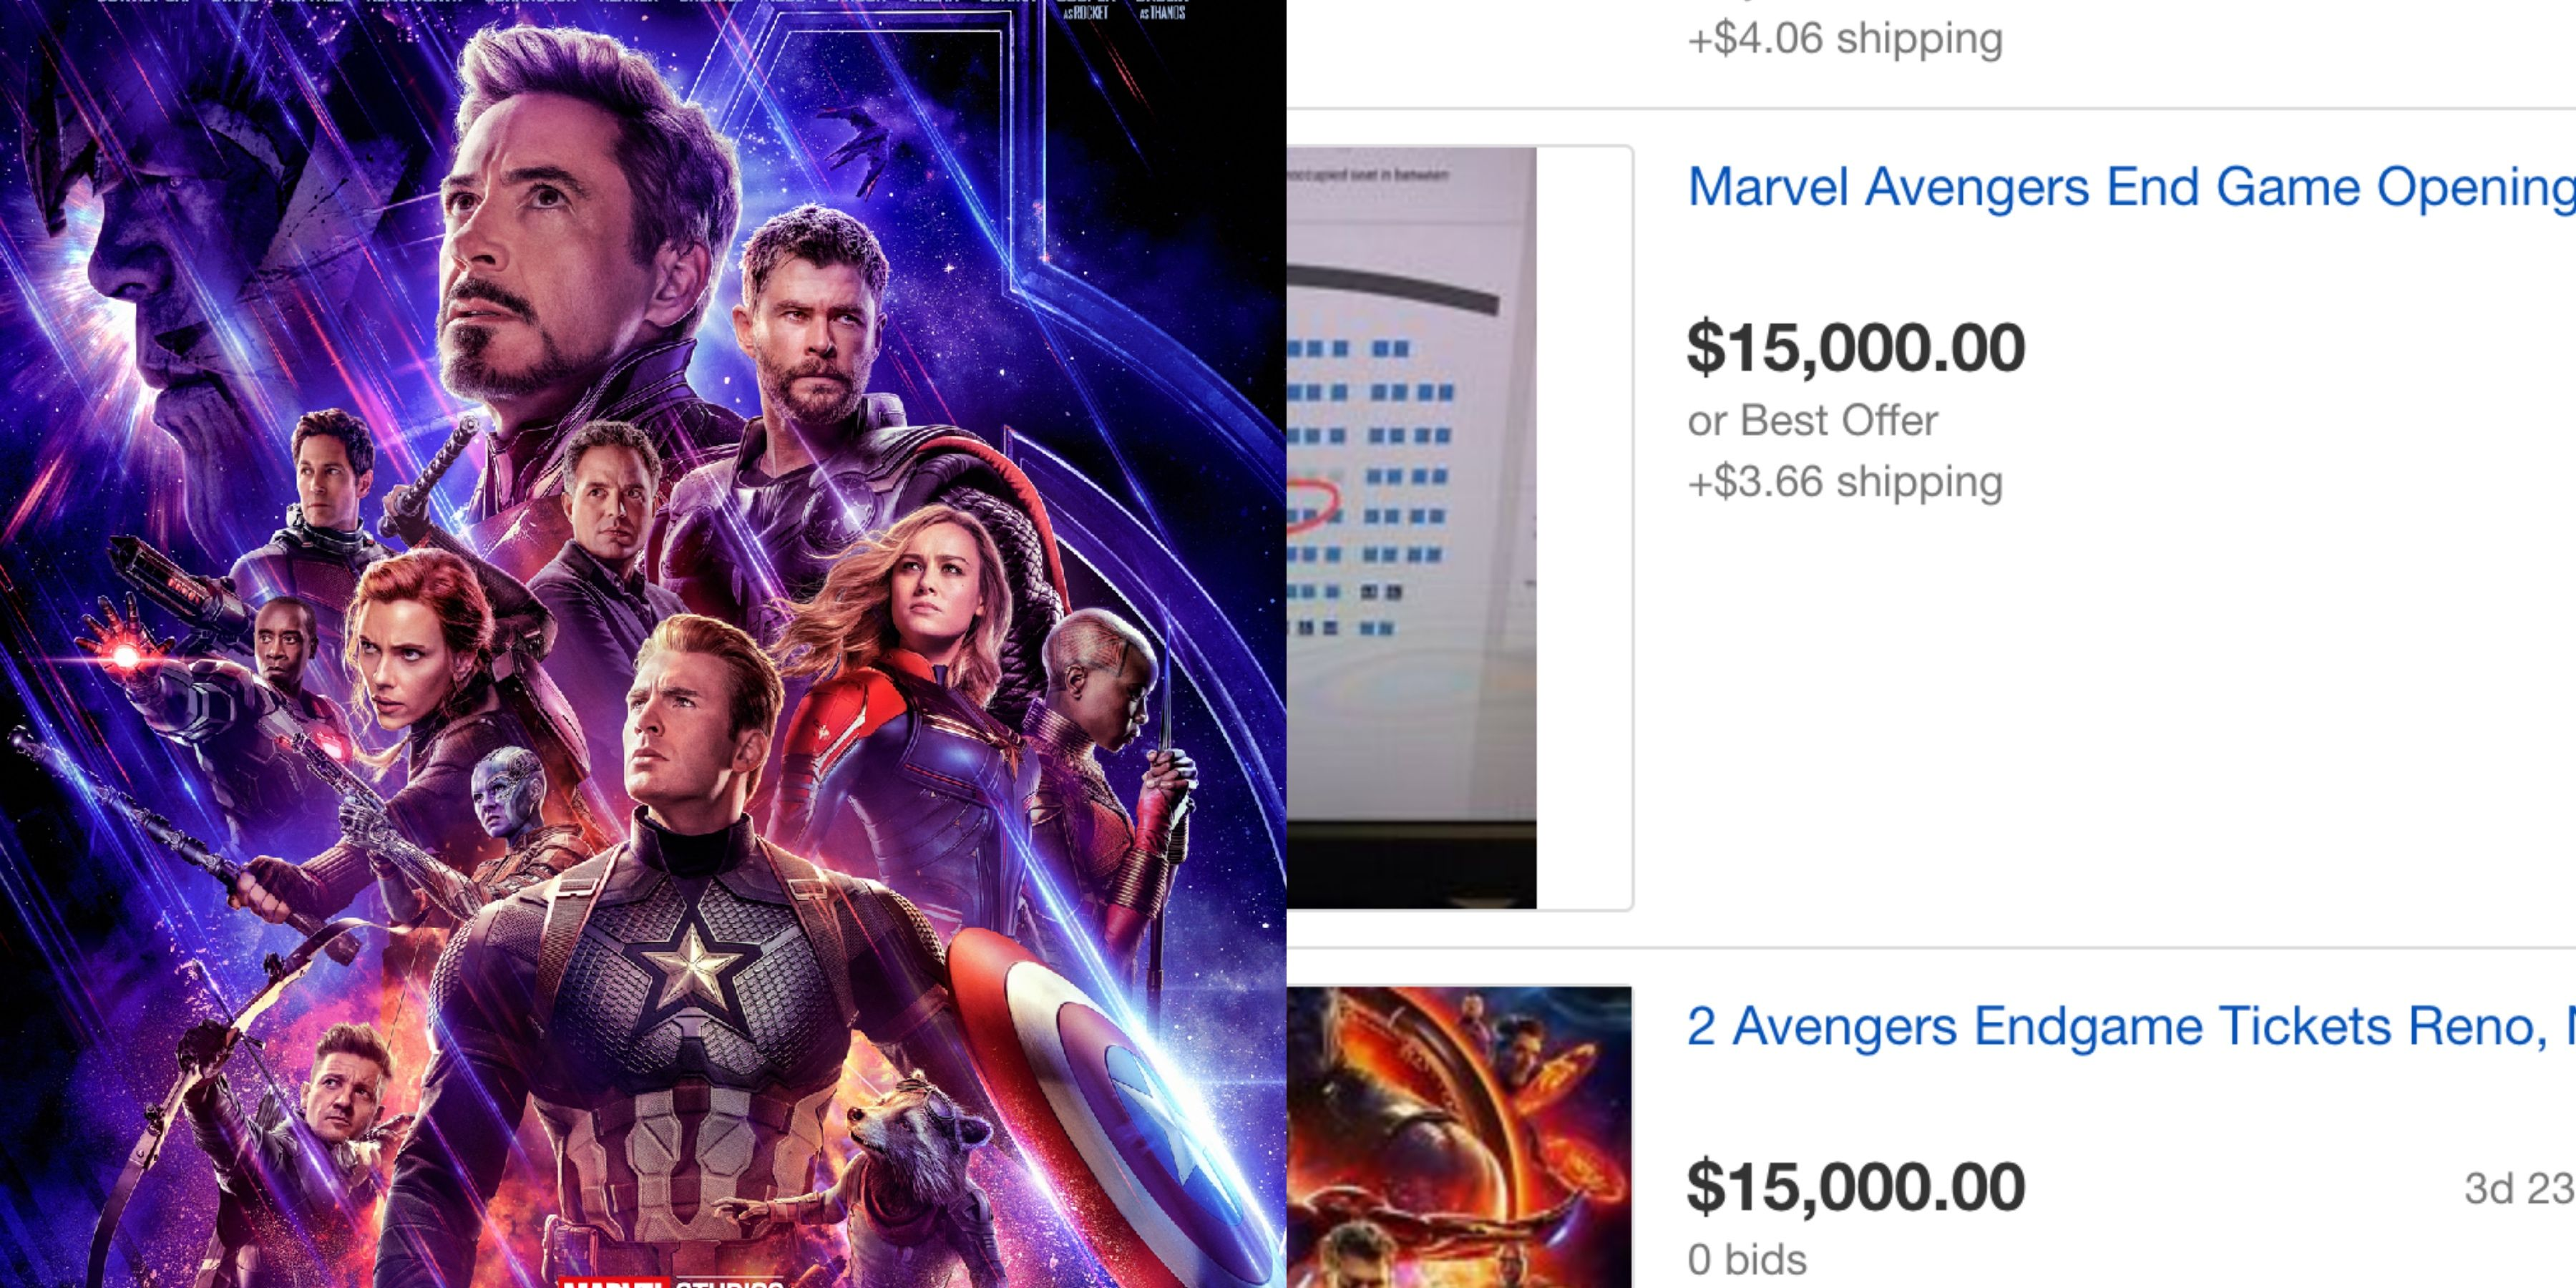 avengers endgame tickets selling for $15,000 on ebay are bullshit